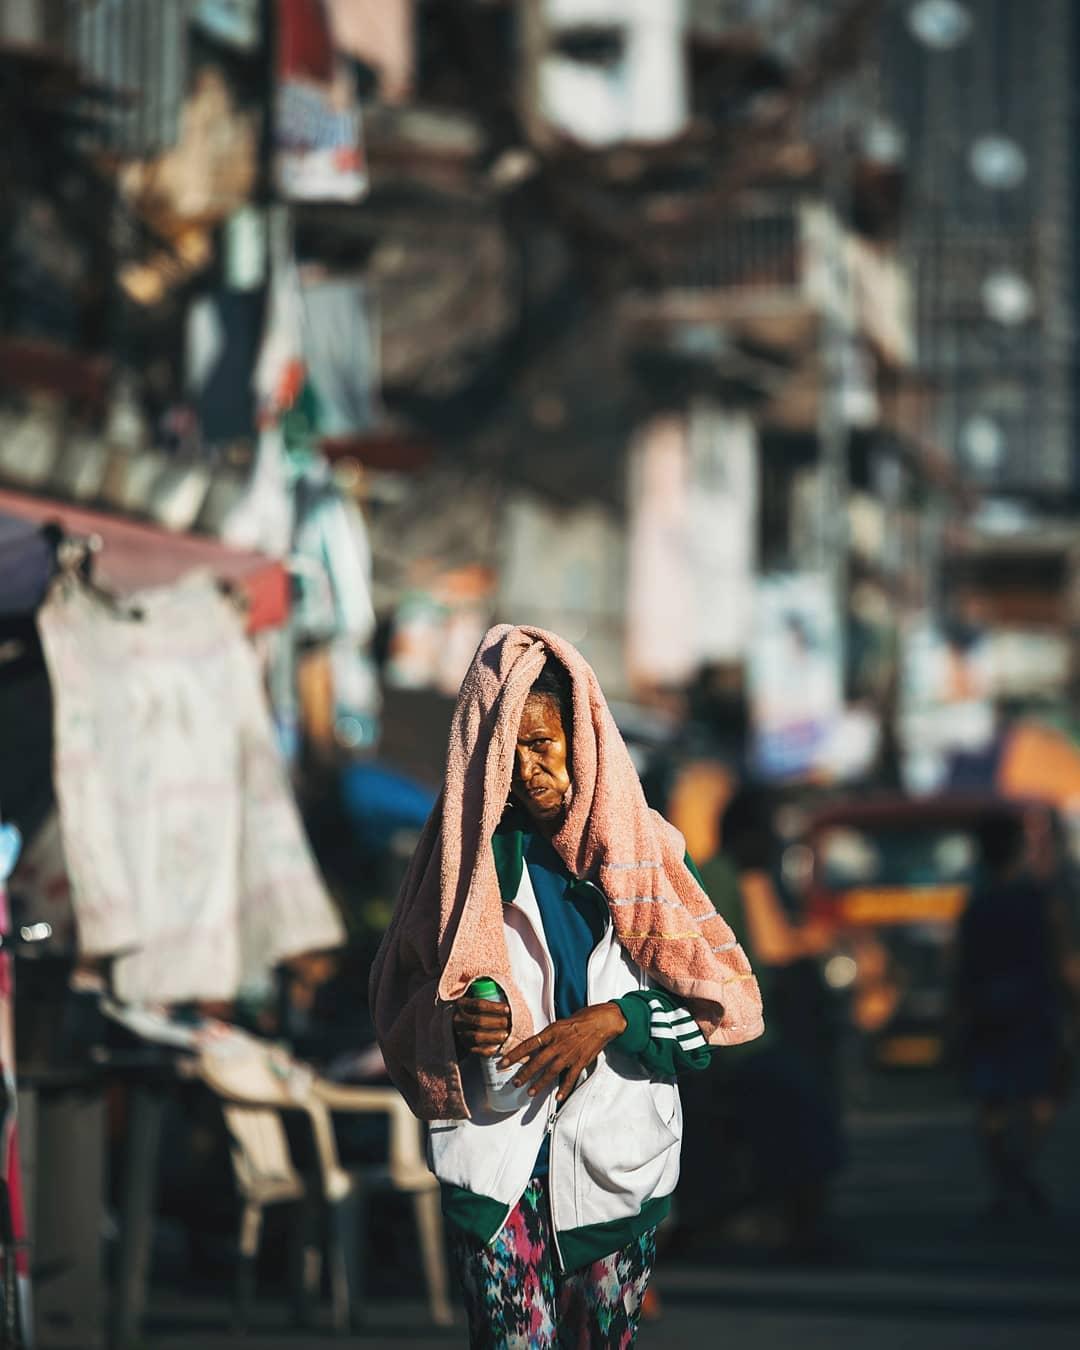 Захватывающие уличные снимки от Джилсона Тиу